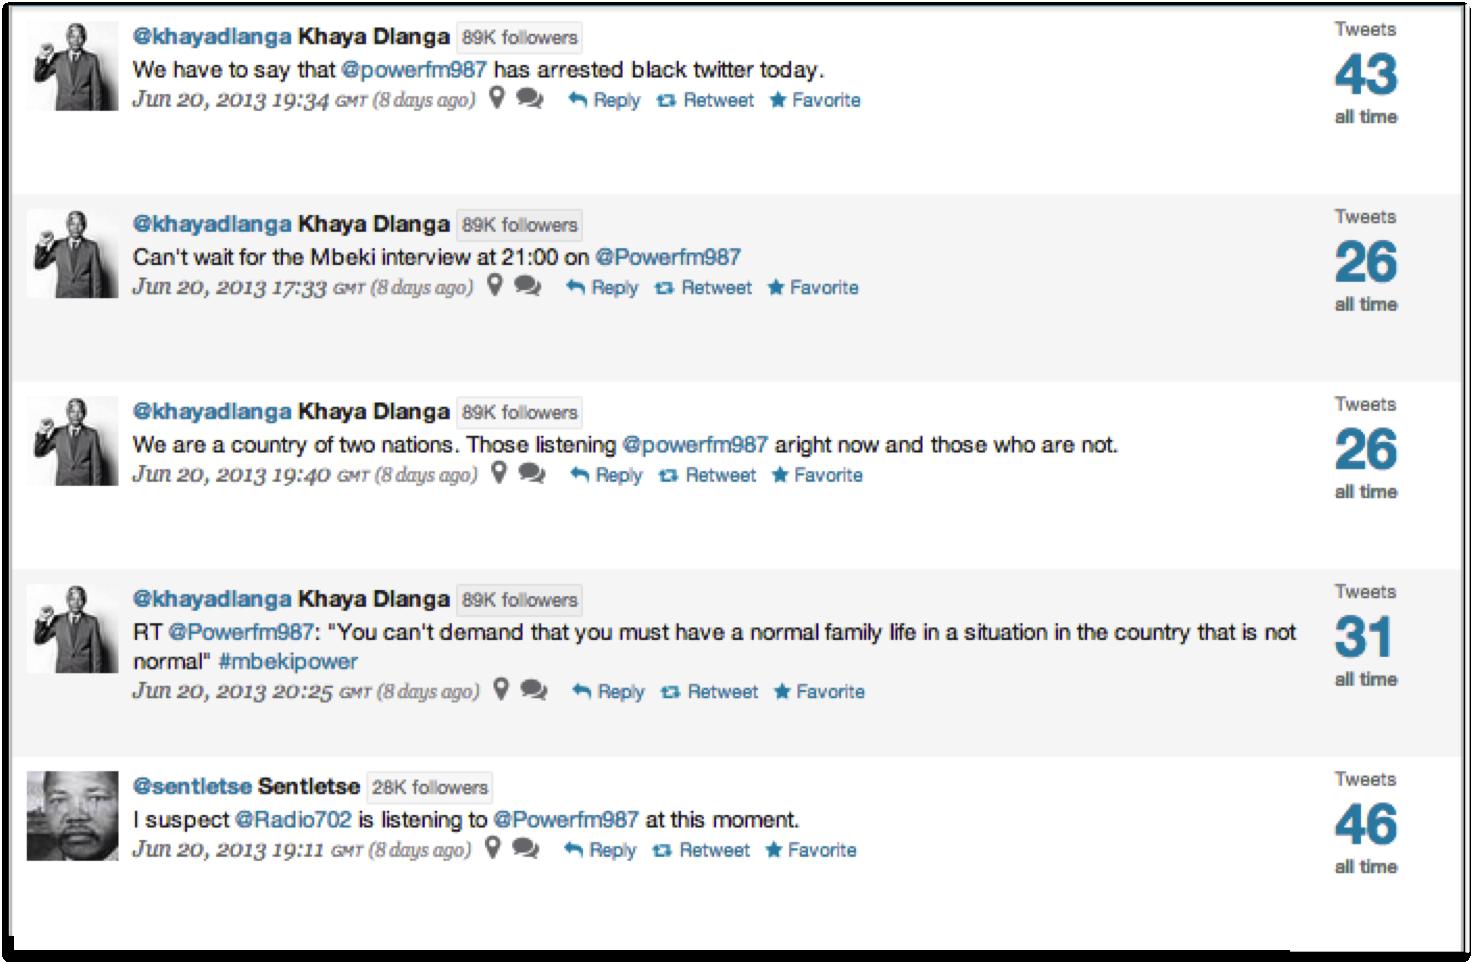 """<img src=""""#MbekiPower_Top_ Tweets.png"""" alt=""""#MbekiPower Top Tweets"""">"""